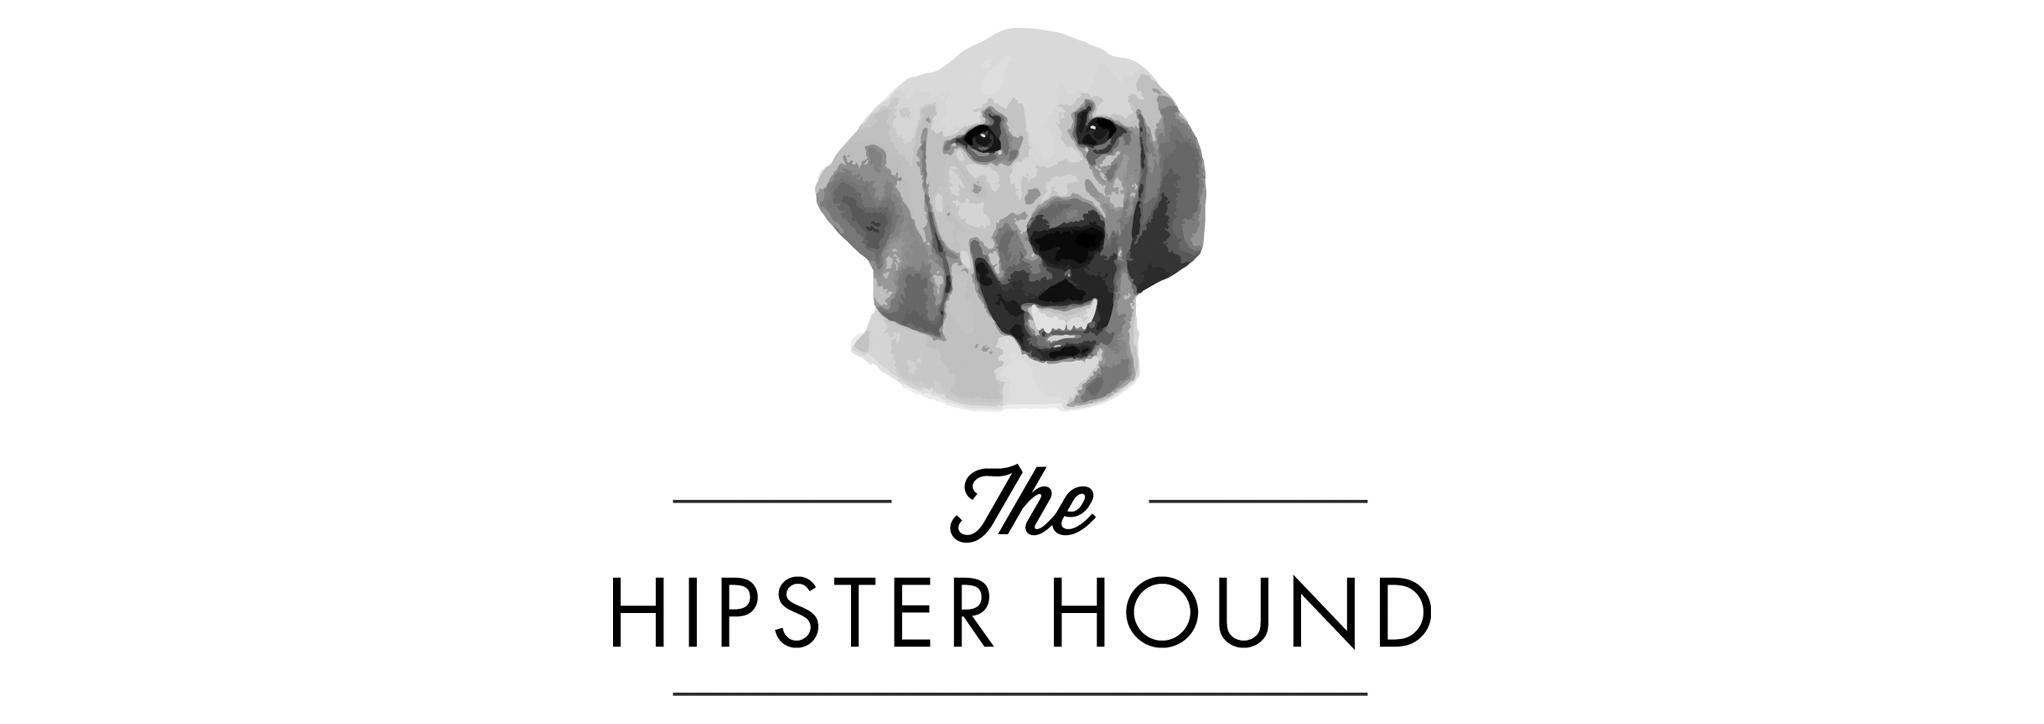 Hipster Hound Logo